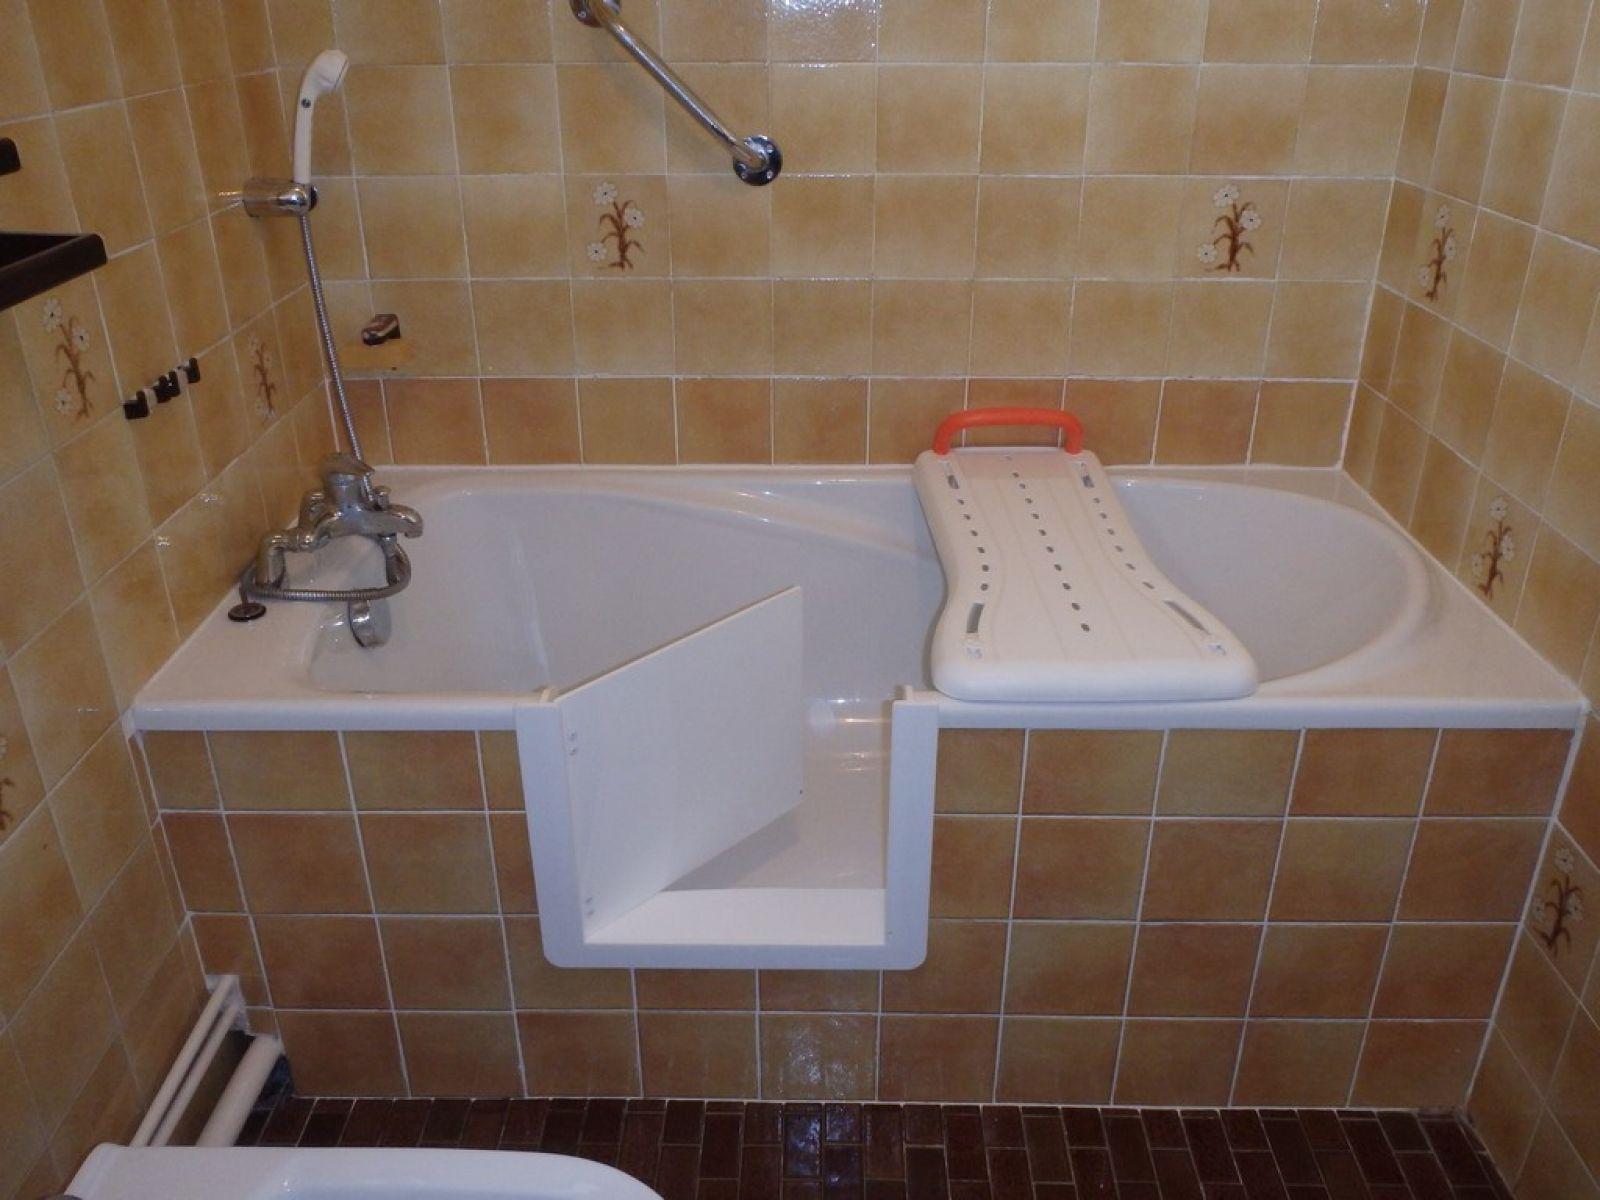 d coupe de baignoire pour prendre une douche en toute. Black Bedroom Furniture Sets. Home Design Ideas